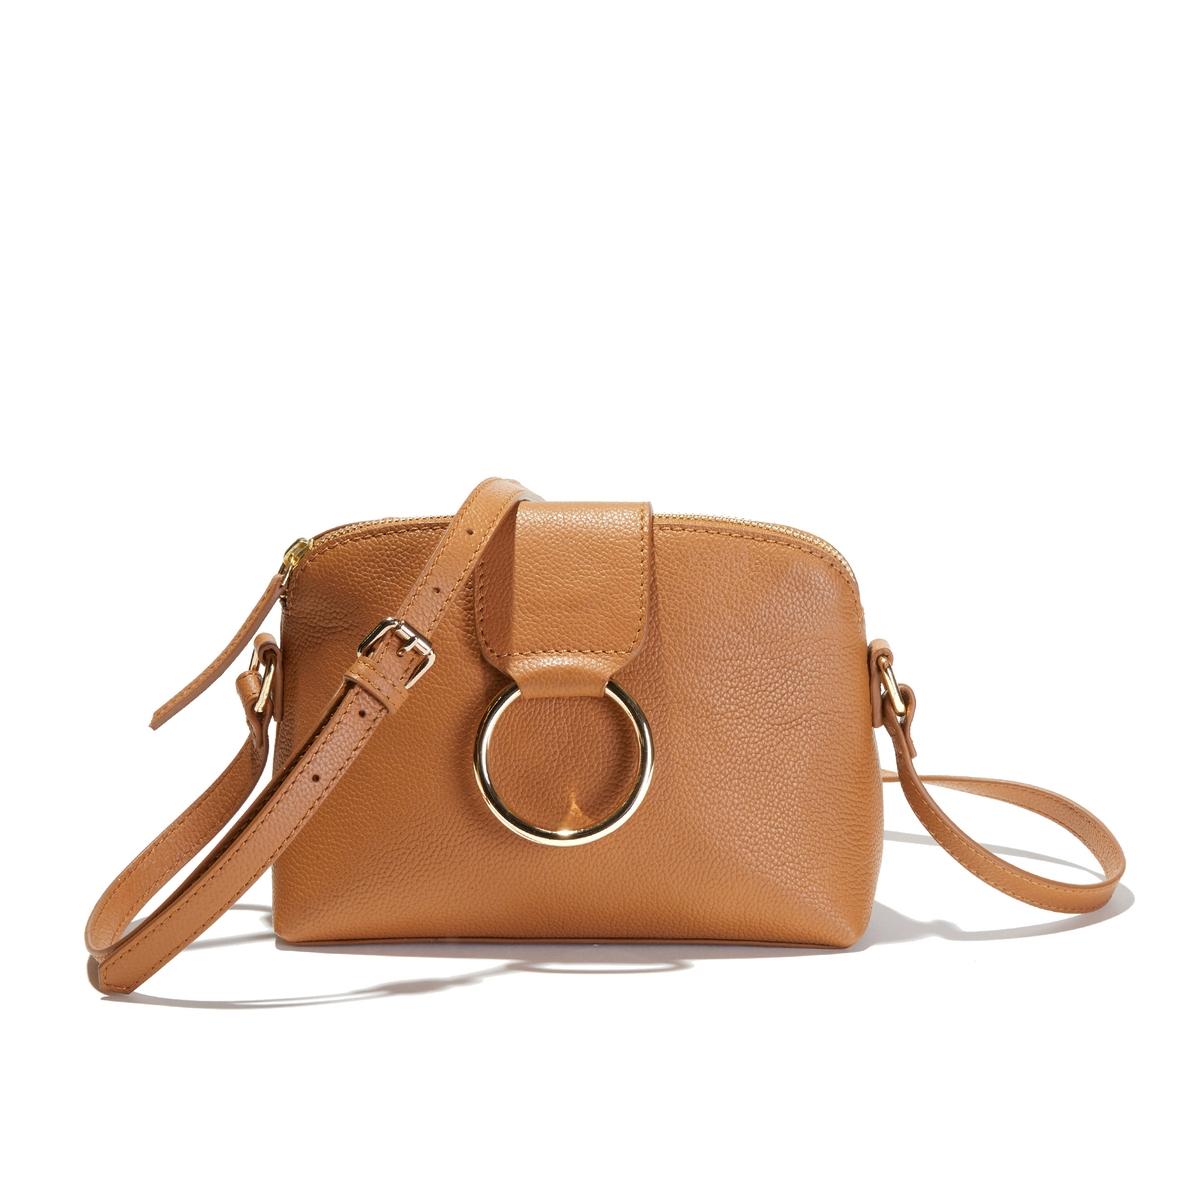 Сумка из спилка кожи bison мужская рука сумка длинный кошелек молния бумажник большой емкости мягкой кожи сцепления первый слой кожи черного n8008 1b